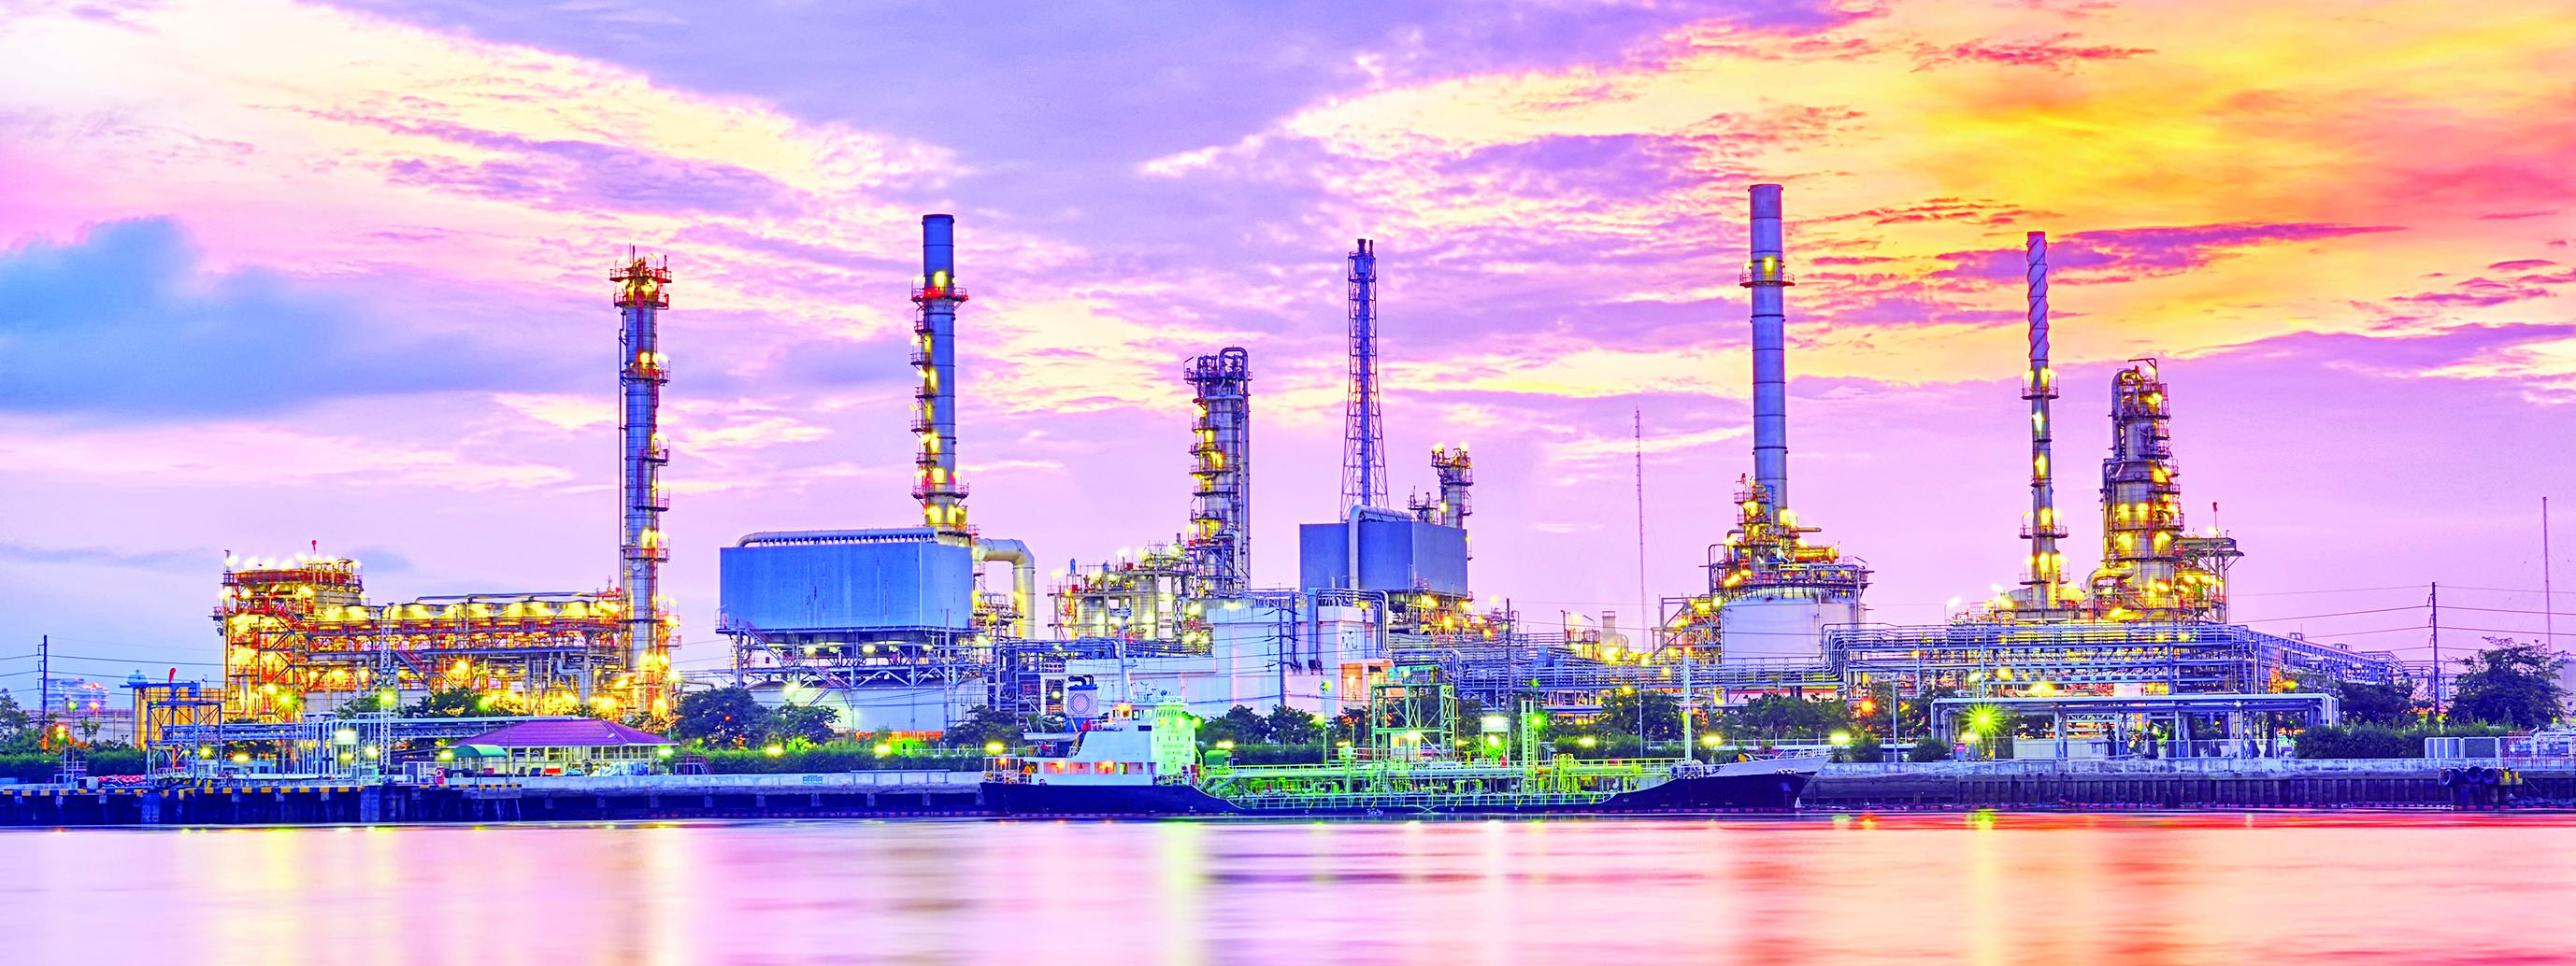 الشيدي: مخزونات تجارية جديدة للبترول في السلطنة